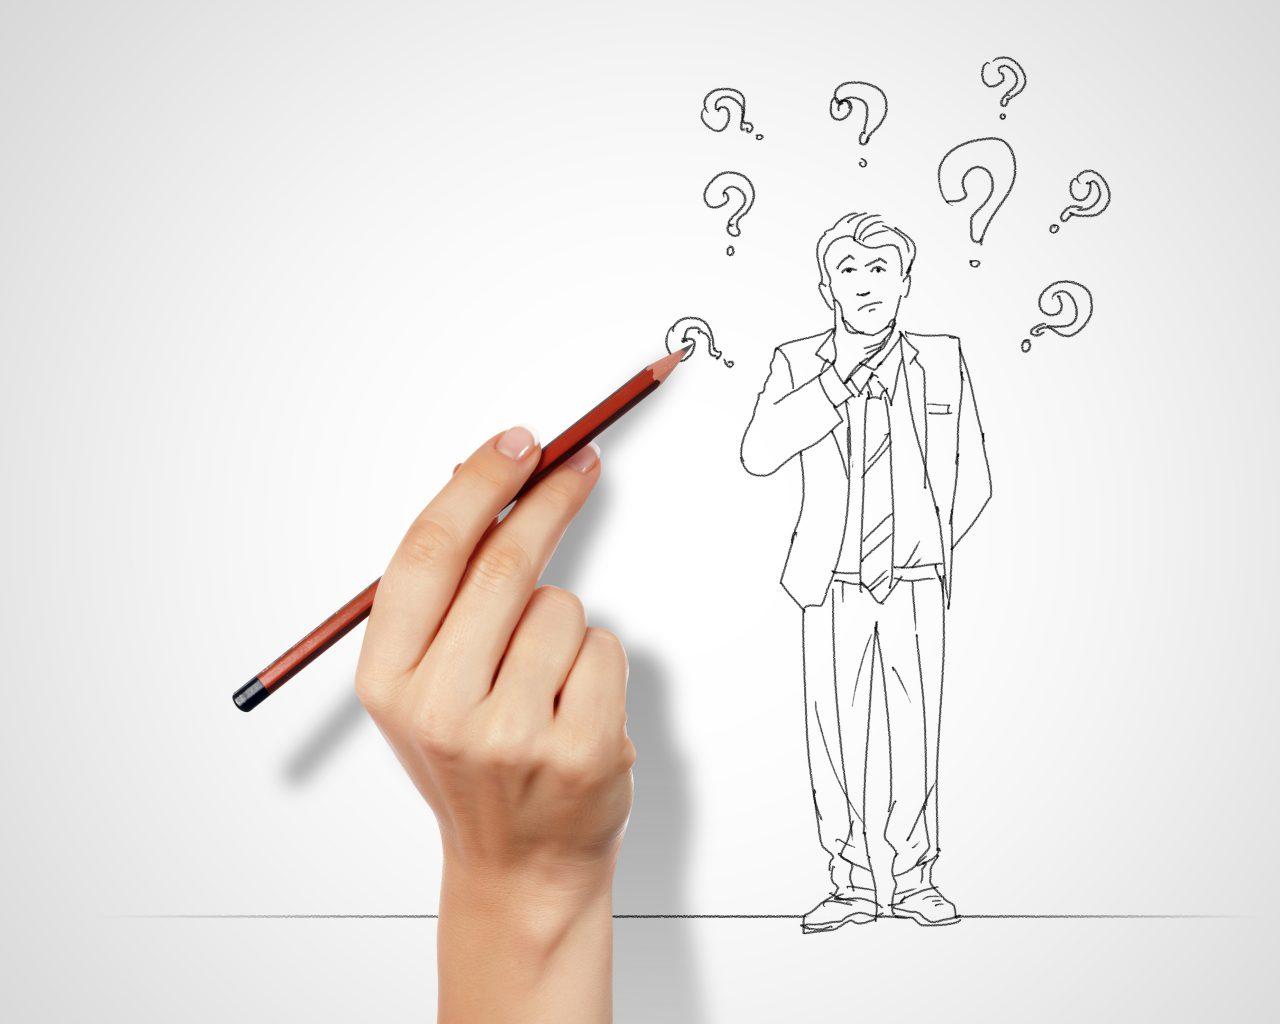 ¿Es la intuición buena consejera a la hora de tomar decisiones?